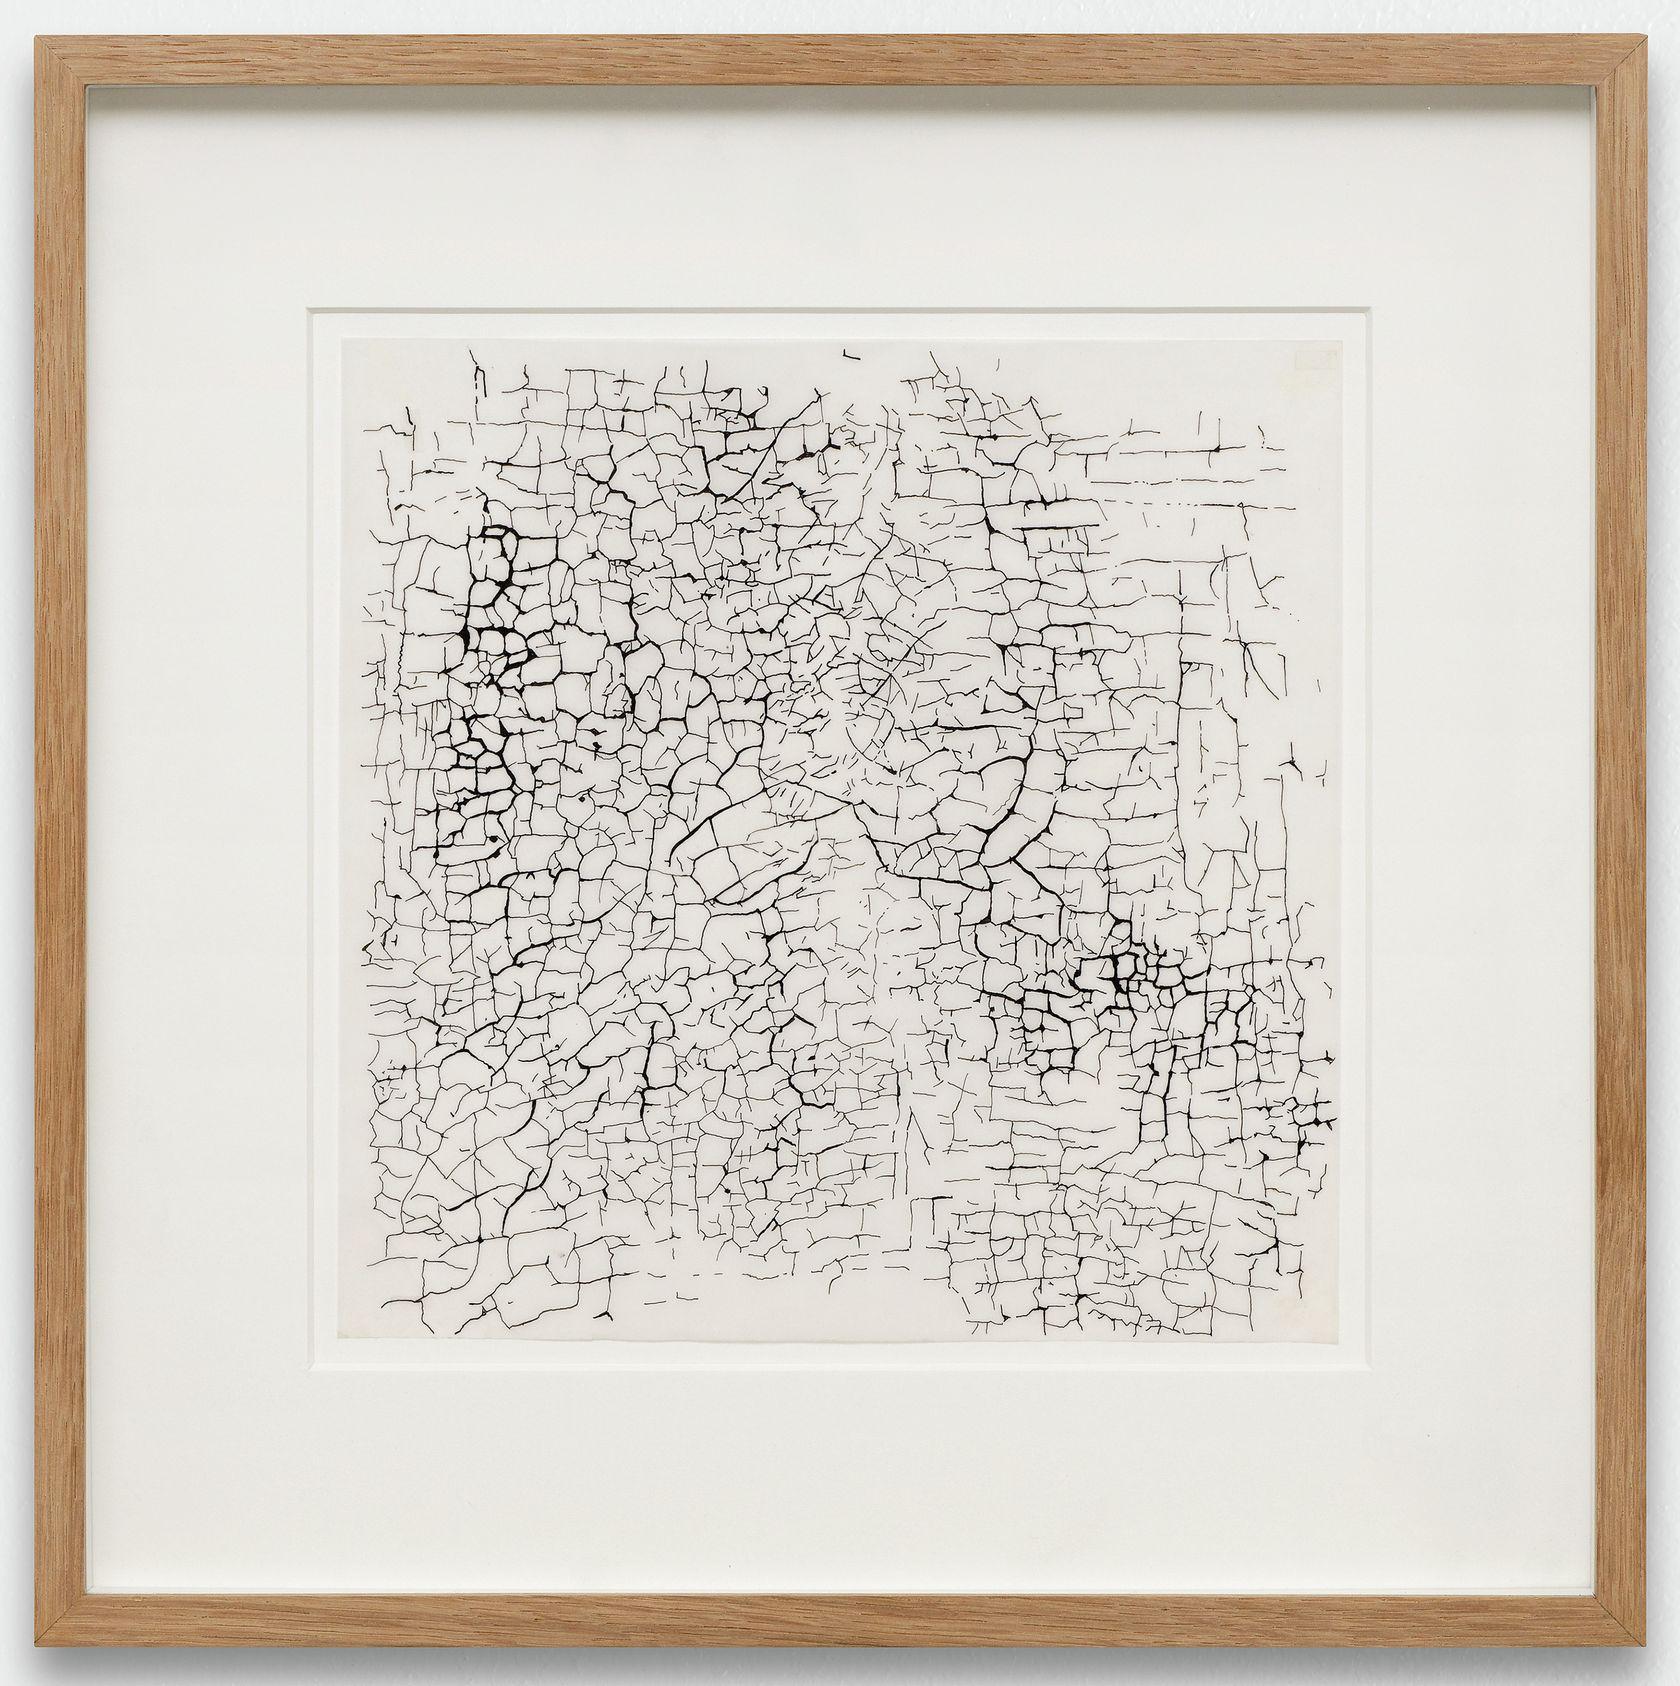 Ernest T., Relevé des craquelures sur le torse du Christ en Croix de Jérôme Bosch, Bruxelles, 1979 Encre sur papier calque, encadrement réalisé par l'artiste 20.5 × 20.5 cm / 8 1/8 × 8 1/8 in. | 33 × 33 × 3 cm / 13  × 13  × 1 1/8 in. (encadré/framed)